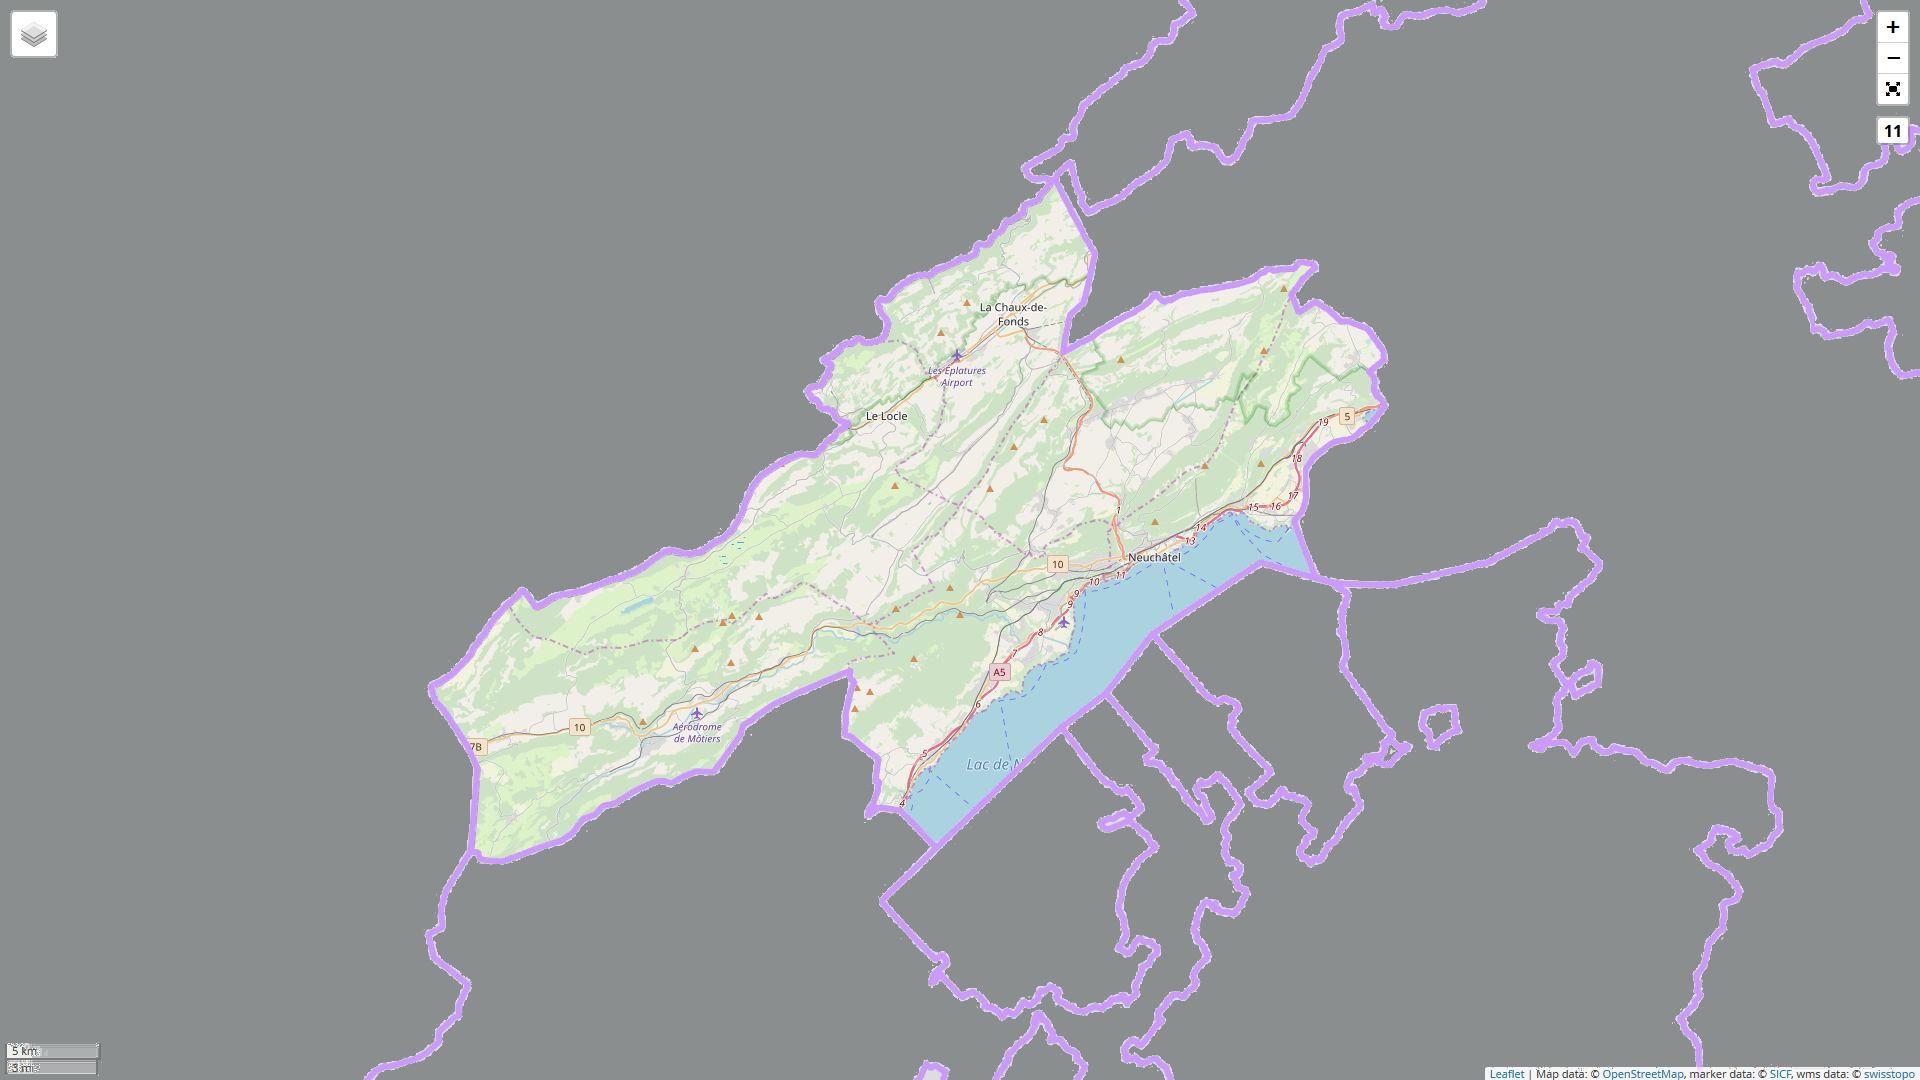 Kartenaussschnitt des Kanton Neuchâtel